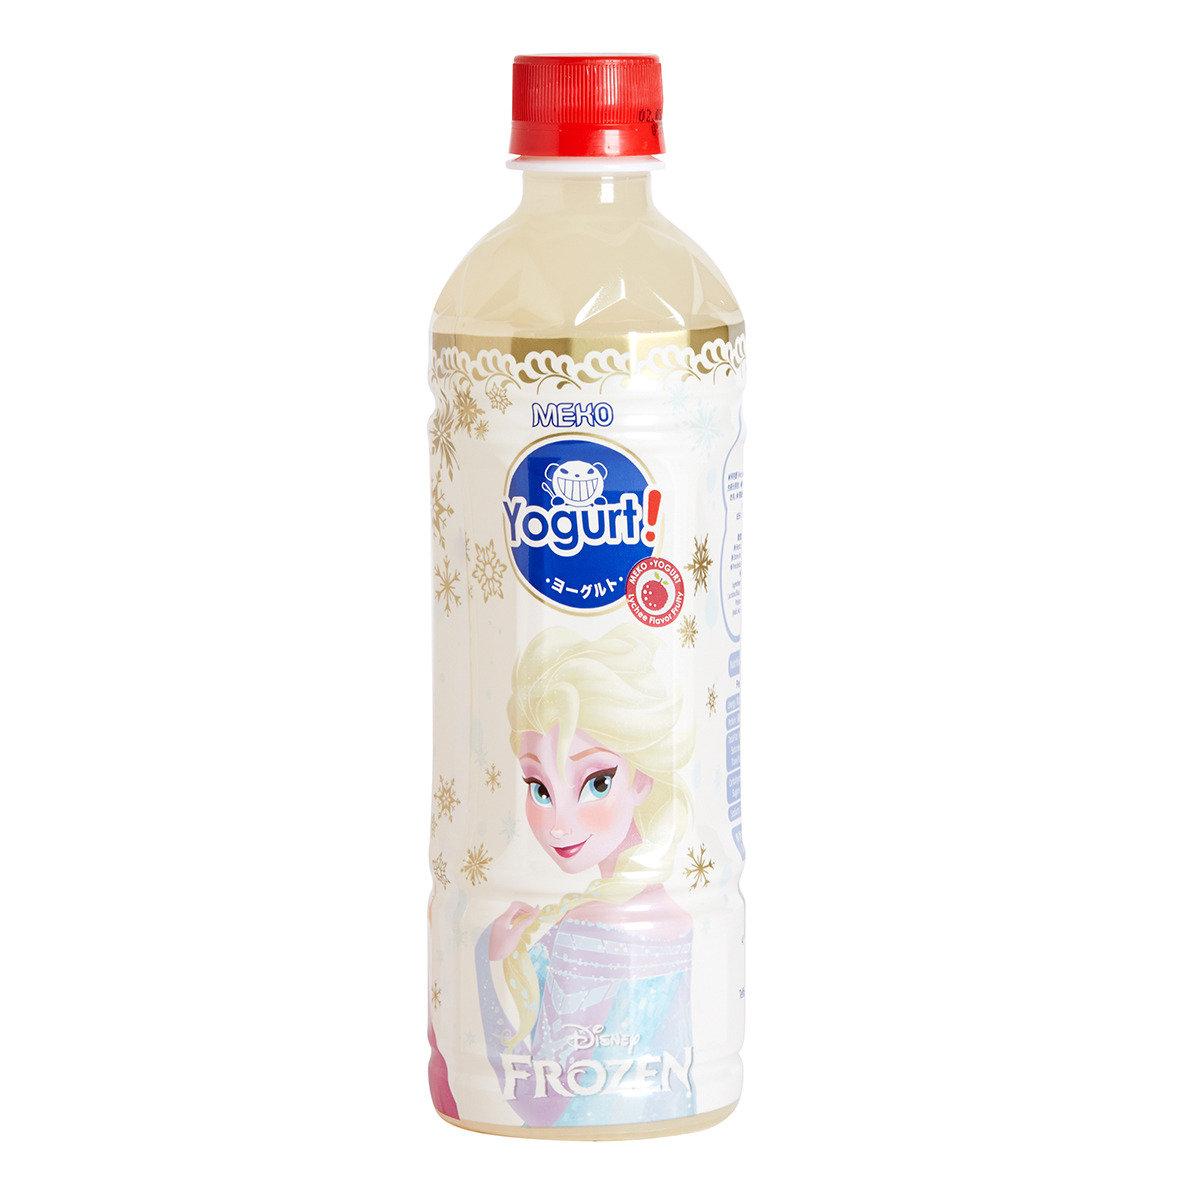 荔枝乳酸飲品(賞味期限:02.05.2016)